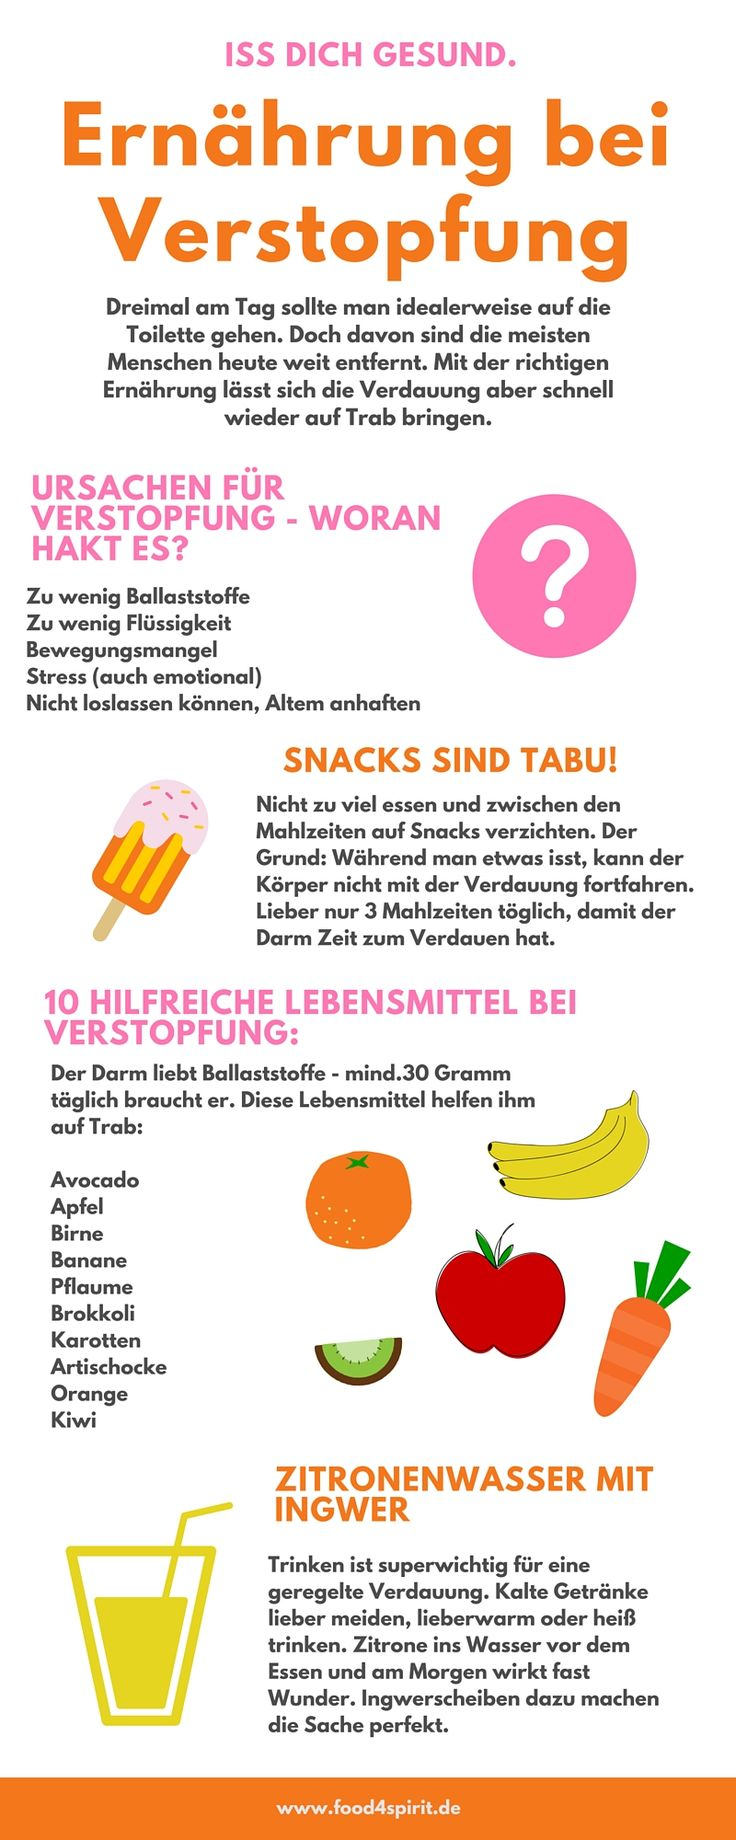 Verstopfung - ein unangenehmes Thema. Dabei plagen sich Millionen mit einem trägen Darm herum. Hier steht, welche Lebensmittel und Getränke den Darm auf Trab bringen. #gesund #ernährung #gemüse #infografik #gesundheit #verstopfung #essen